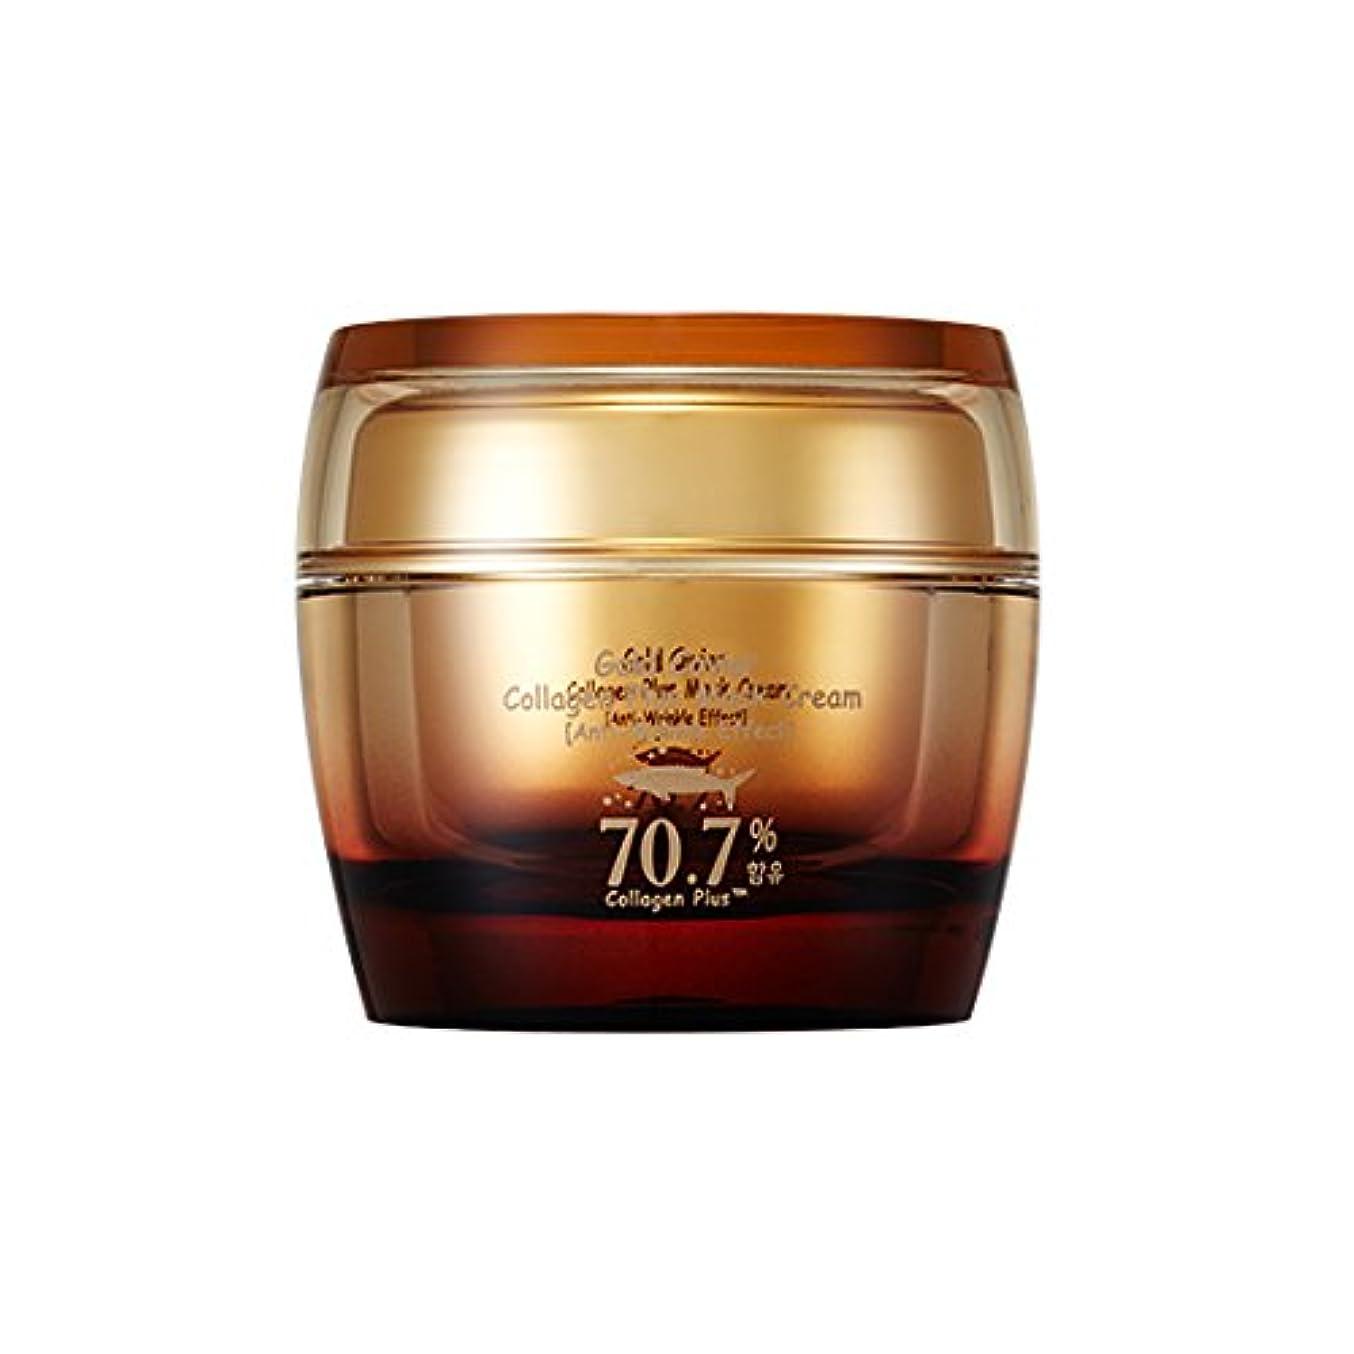 の慈悲でインカ帝国説明的Skinfood ゴールドキャビアコラーゲンプラスクリーム(しわ防止効果) / Gold Caviar Collagen Plus Cream (Anti-Wrinkle Effect) 50g [並行輸入品]